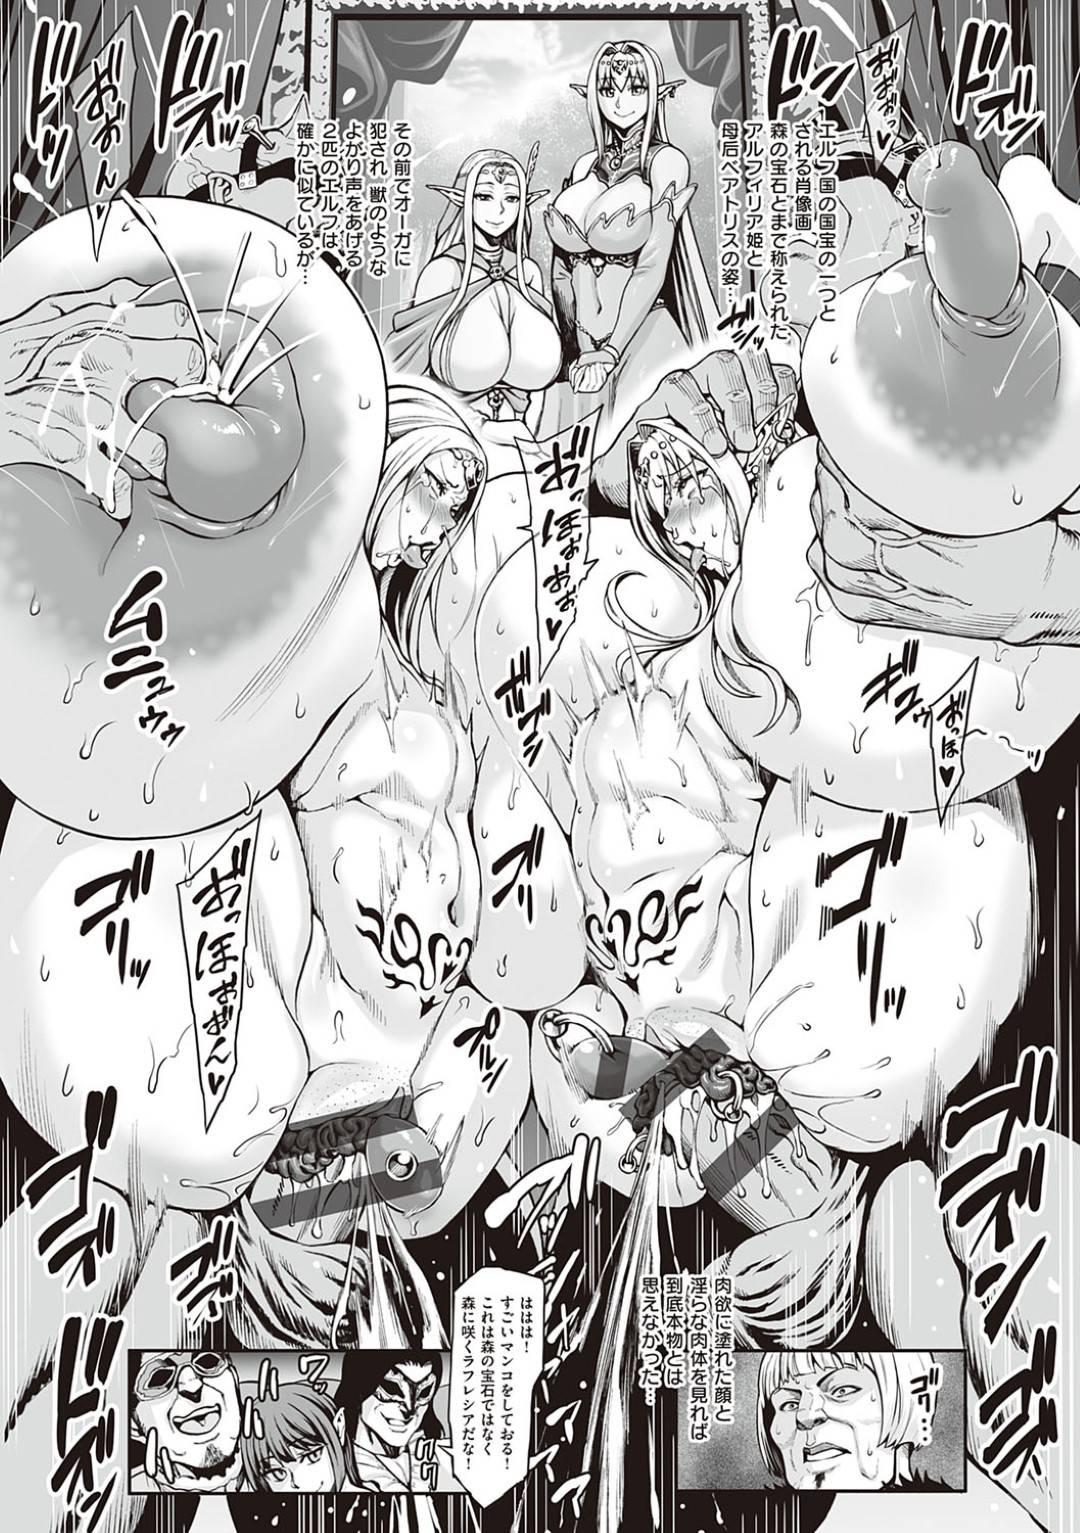 【エロ漫画】伝統の淫乱売春婦が祭り上げられる祭りが開催され、街中乱交騒ぎで女たちは乱れまくる世界であった【ねろましん/豊穣の隷属エルフ~淫獄に堕ちる母娘~5】